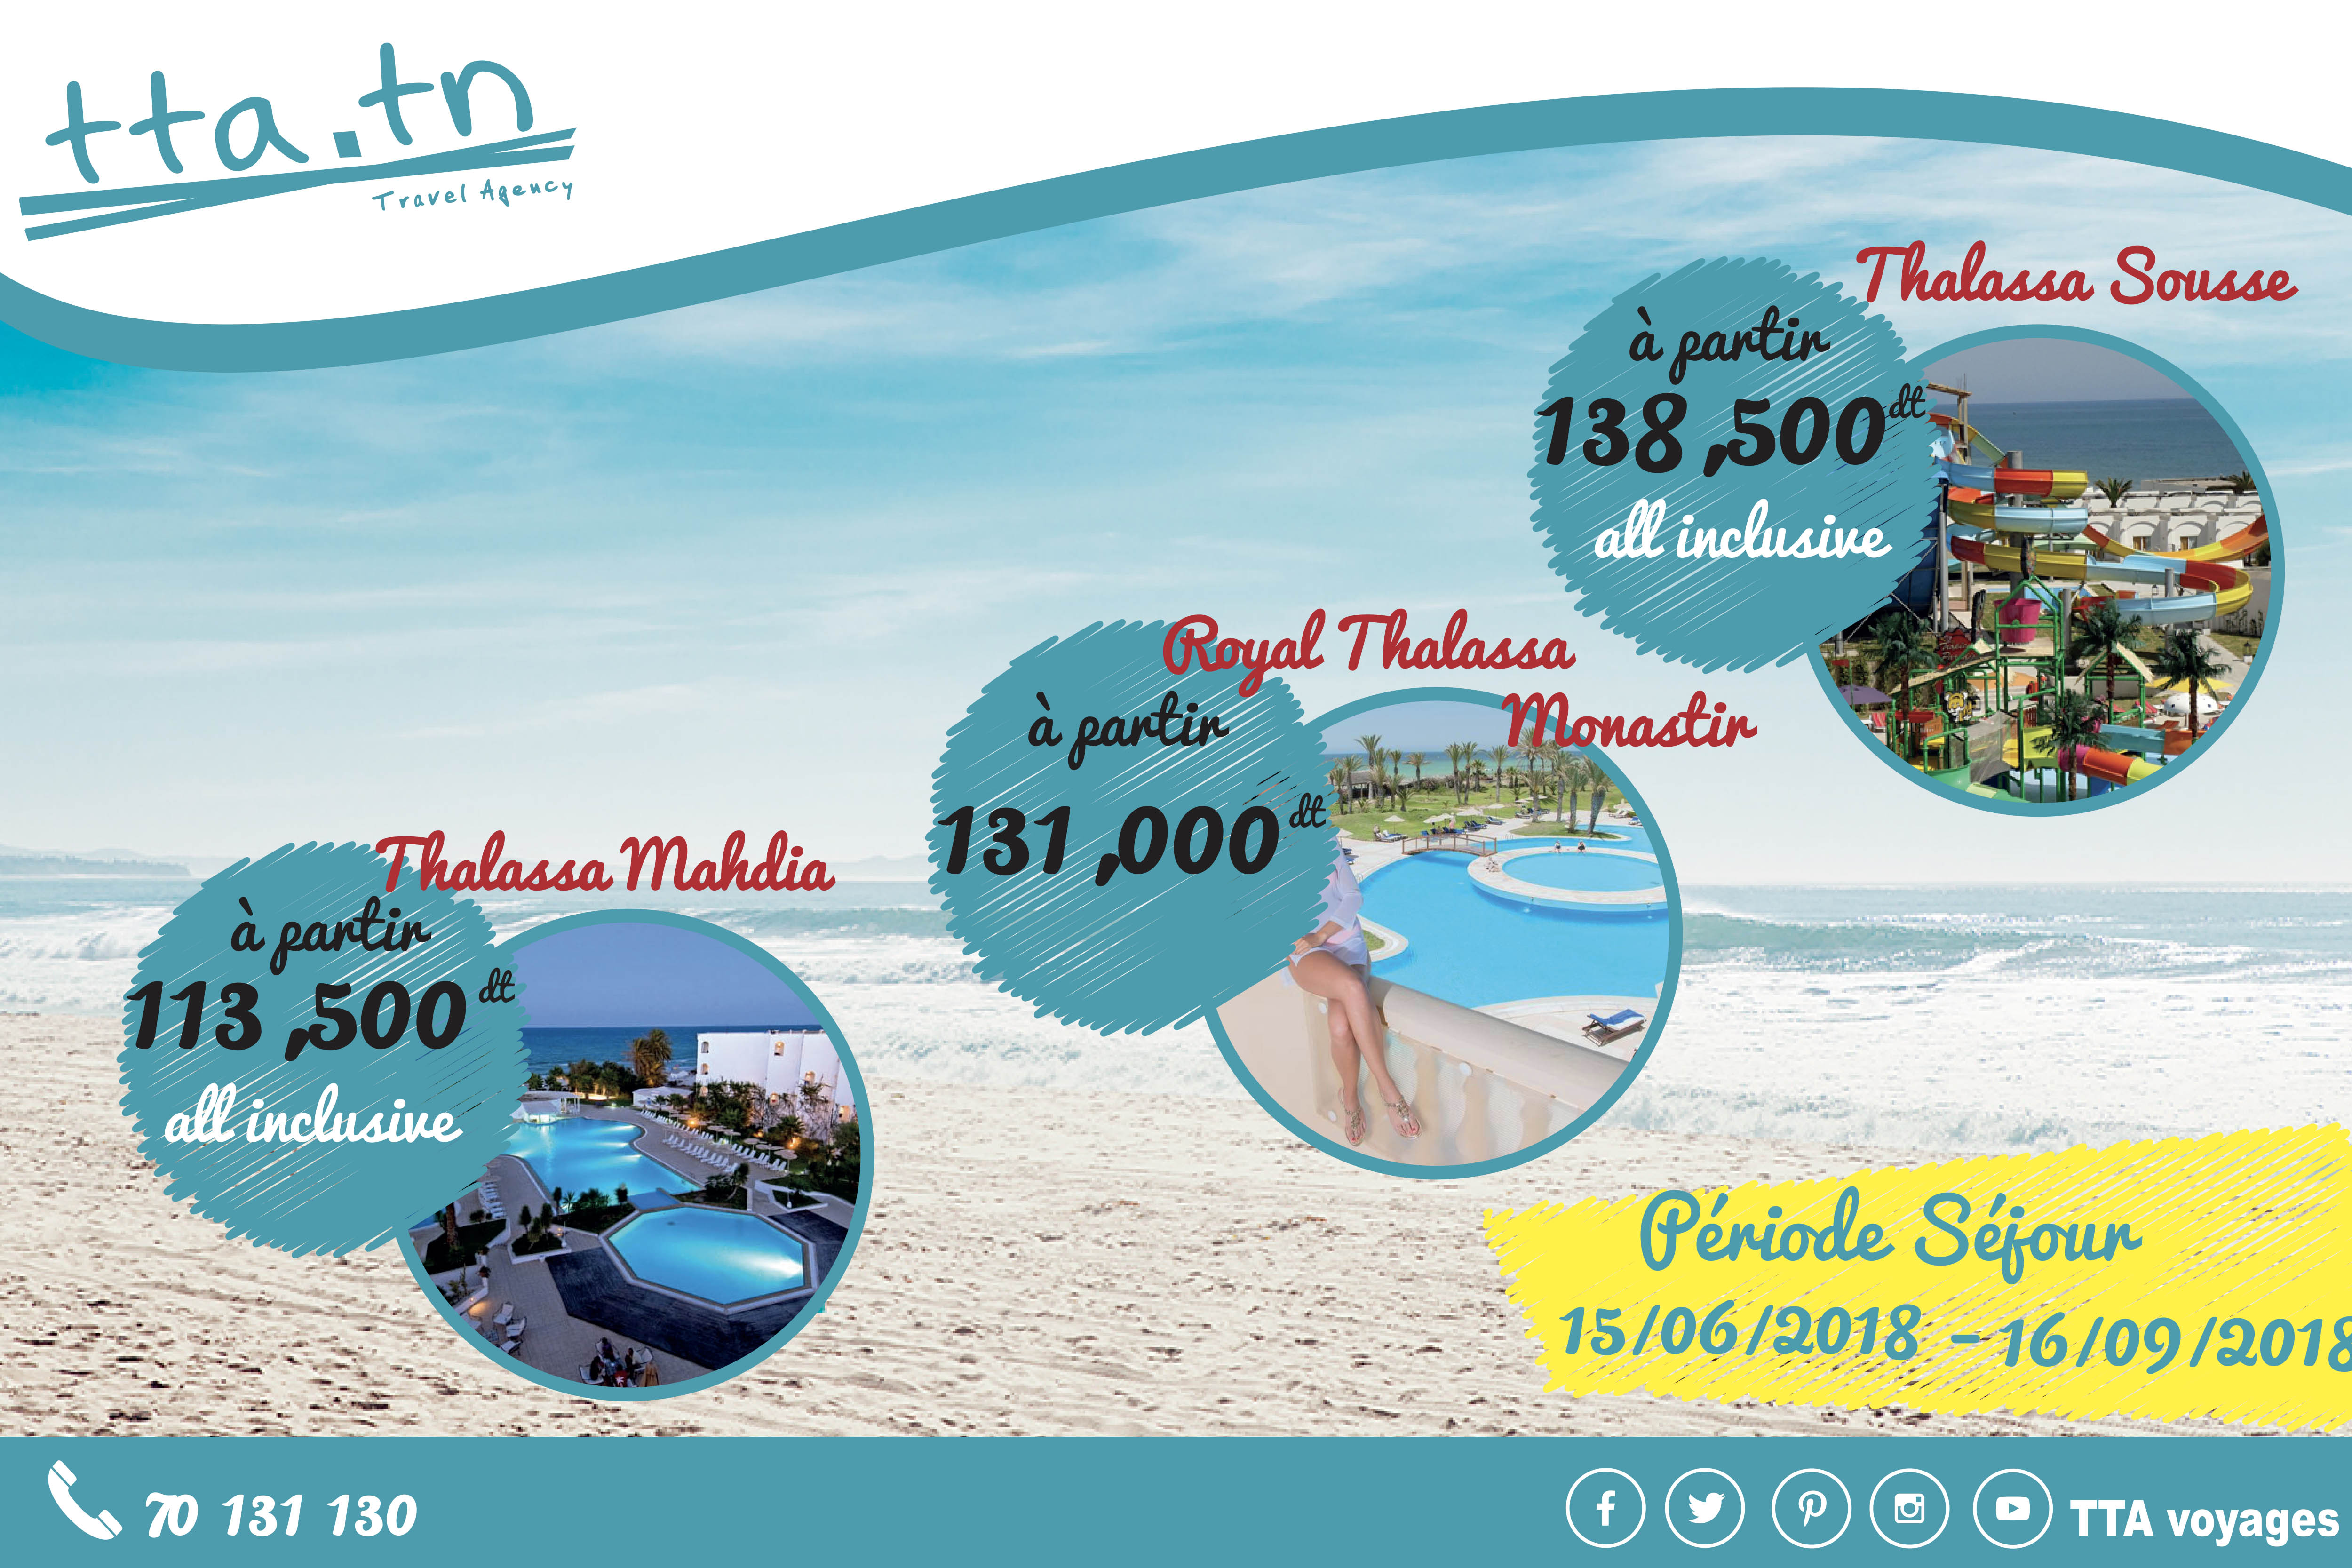 Hotel Tunisie Promo